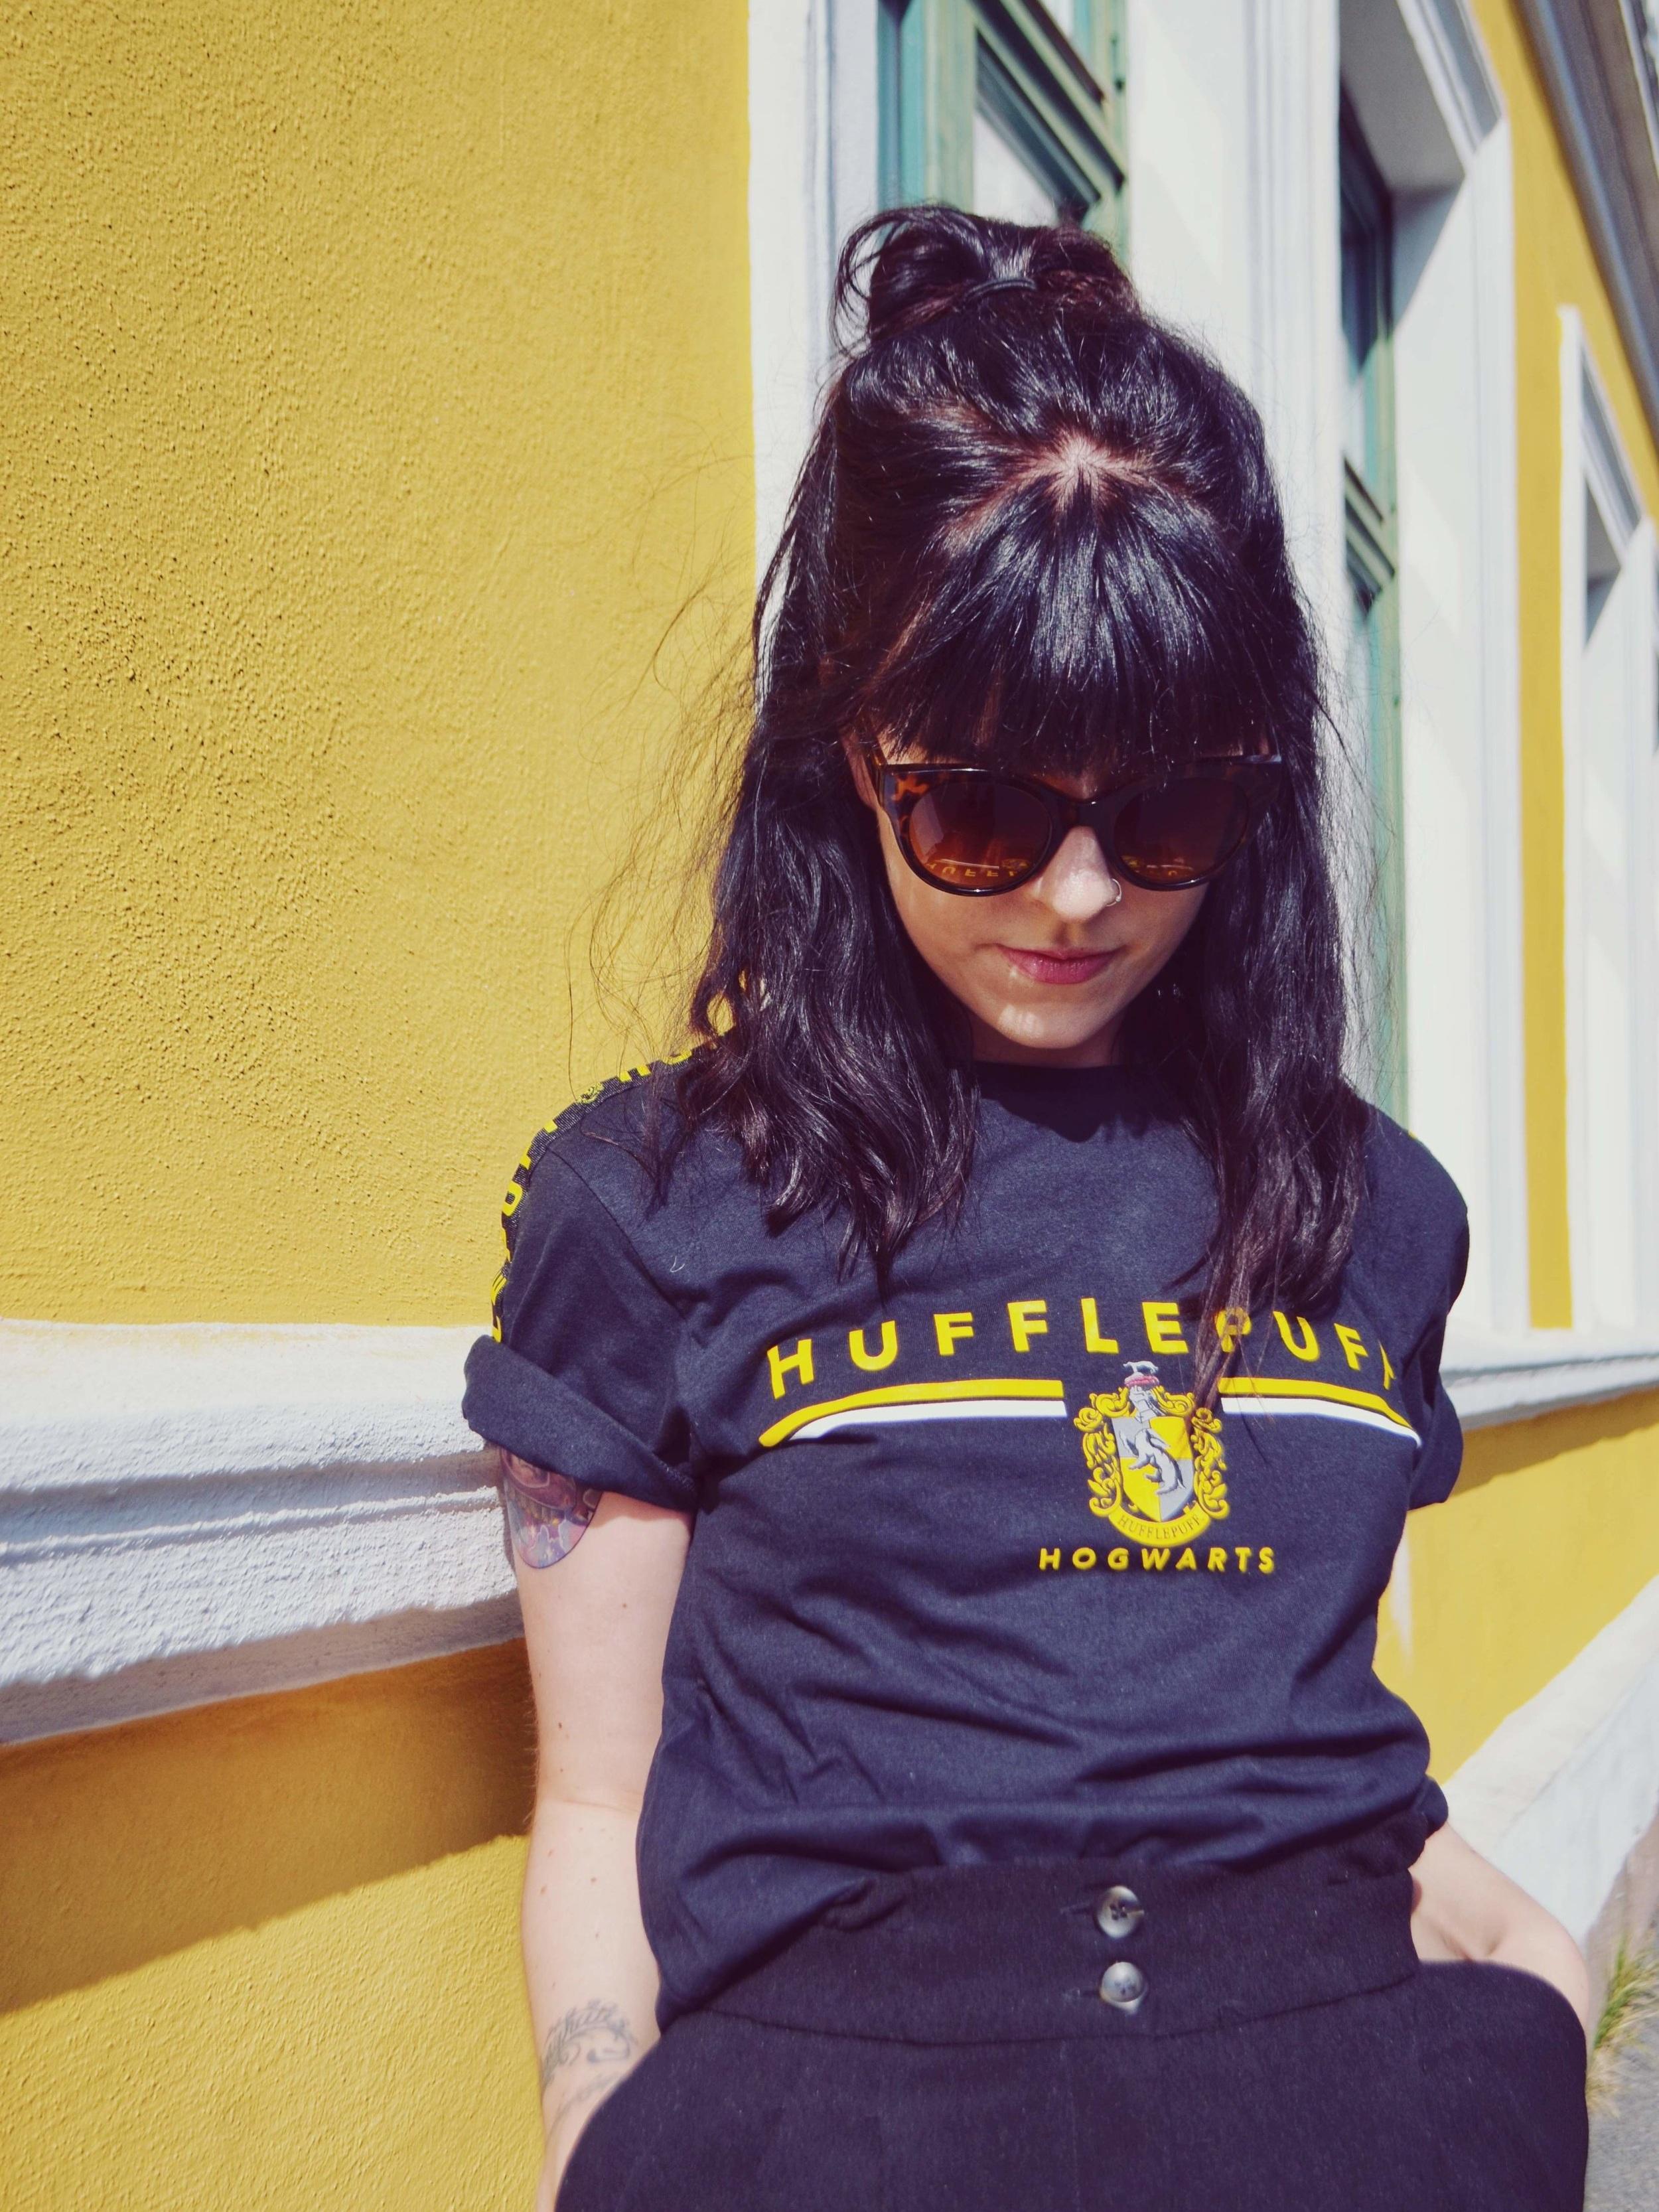 Uttafor_boksen_Hufflepuff_tshirt.jpg